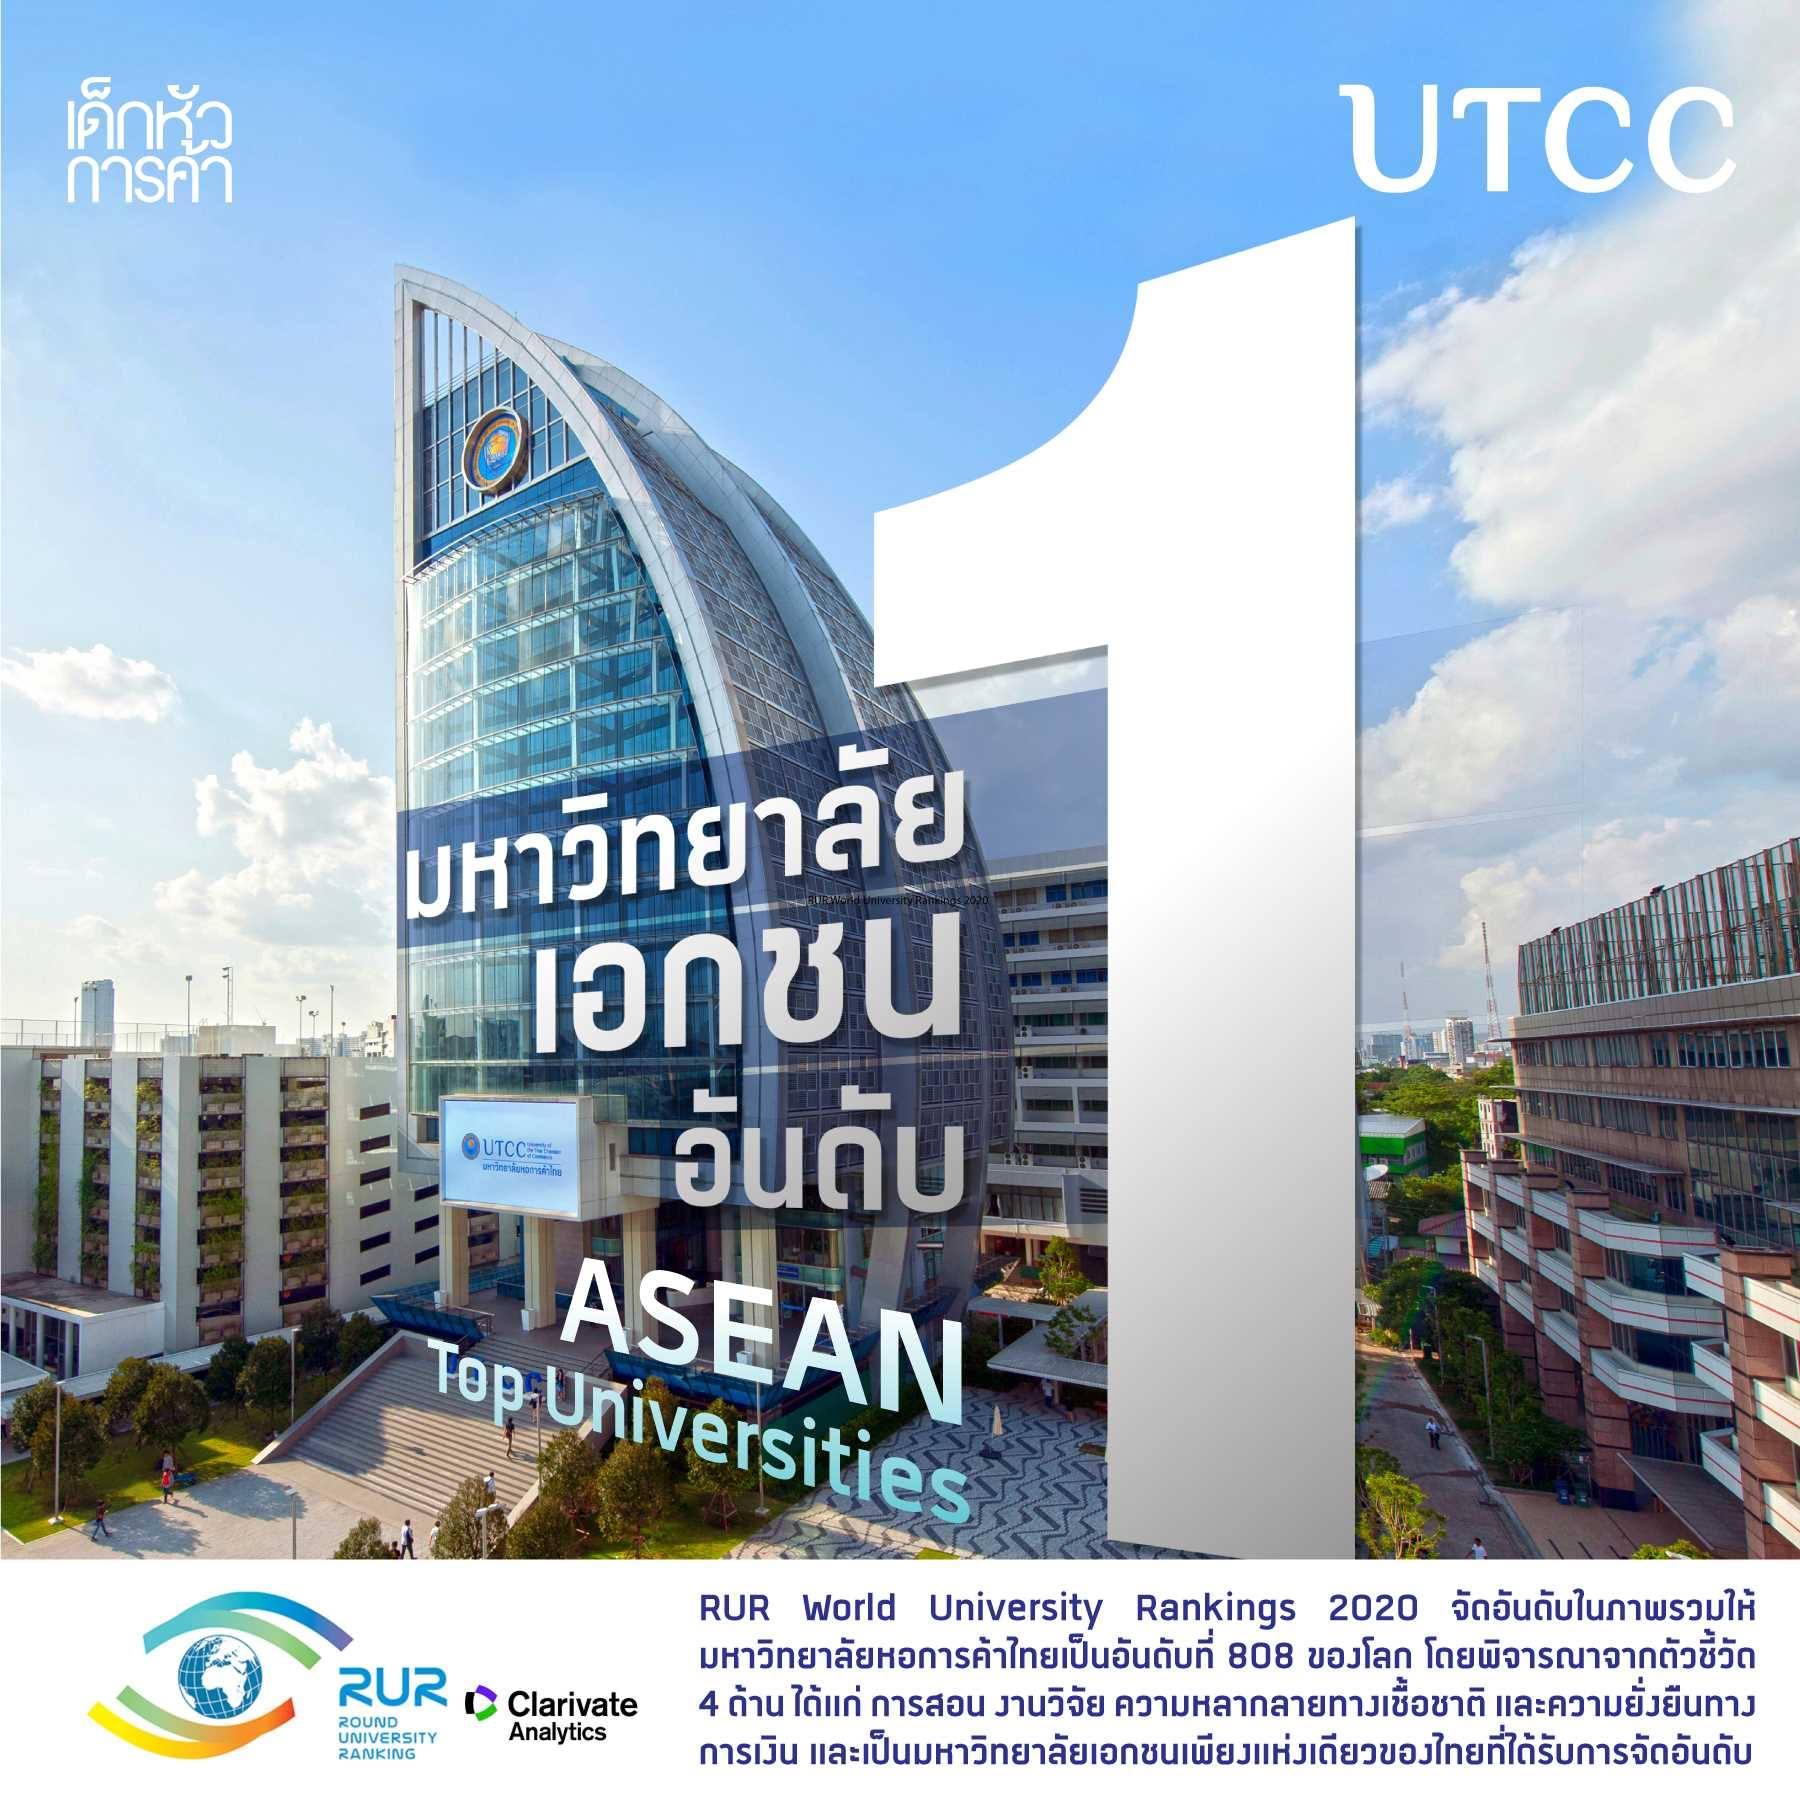 在泰国商会大学就读......